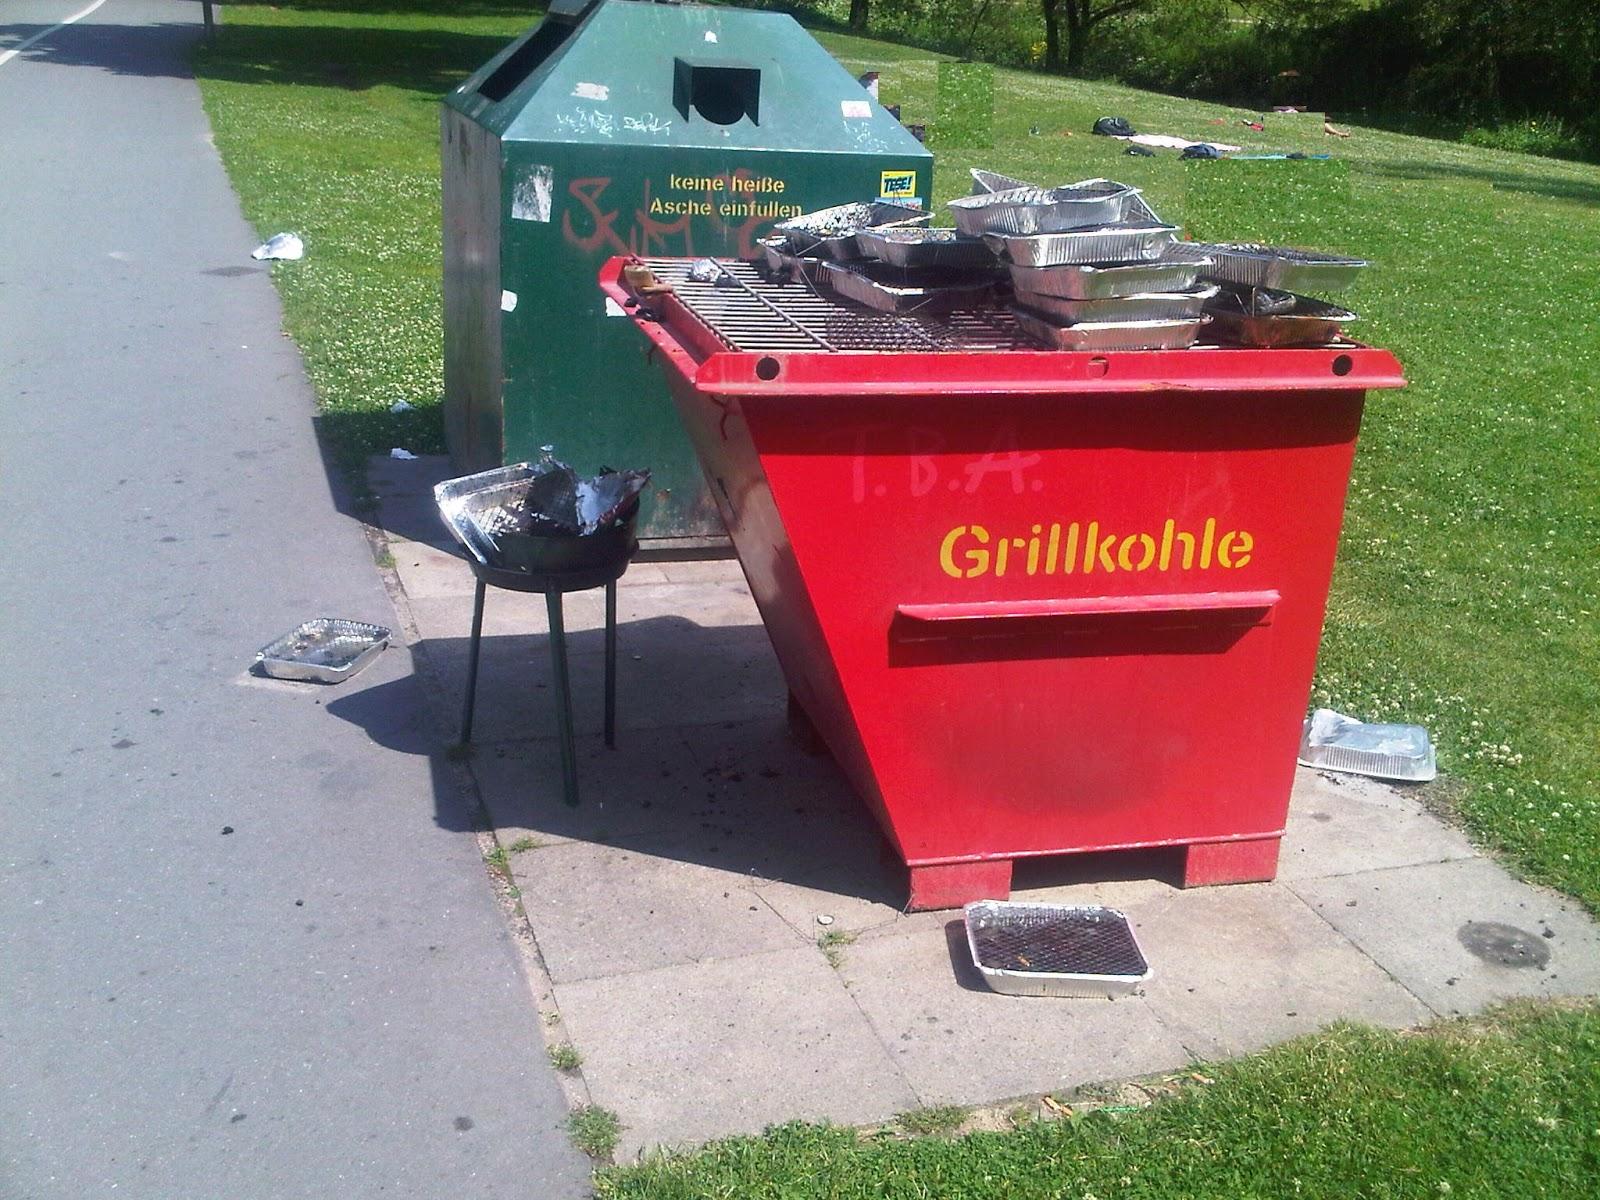 Roter Grillkohle-Müllcontainers mit vielen Aluschalen-Grills oben drauf als Müll im Park an einem geteerten Radweg.